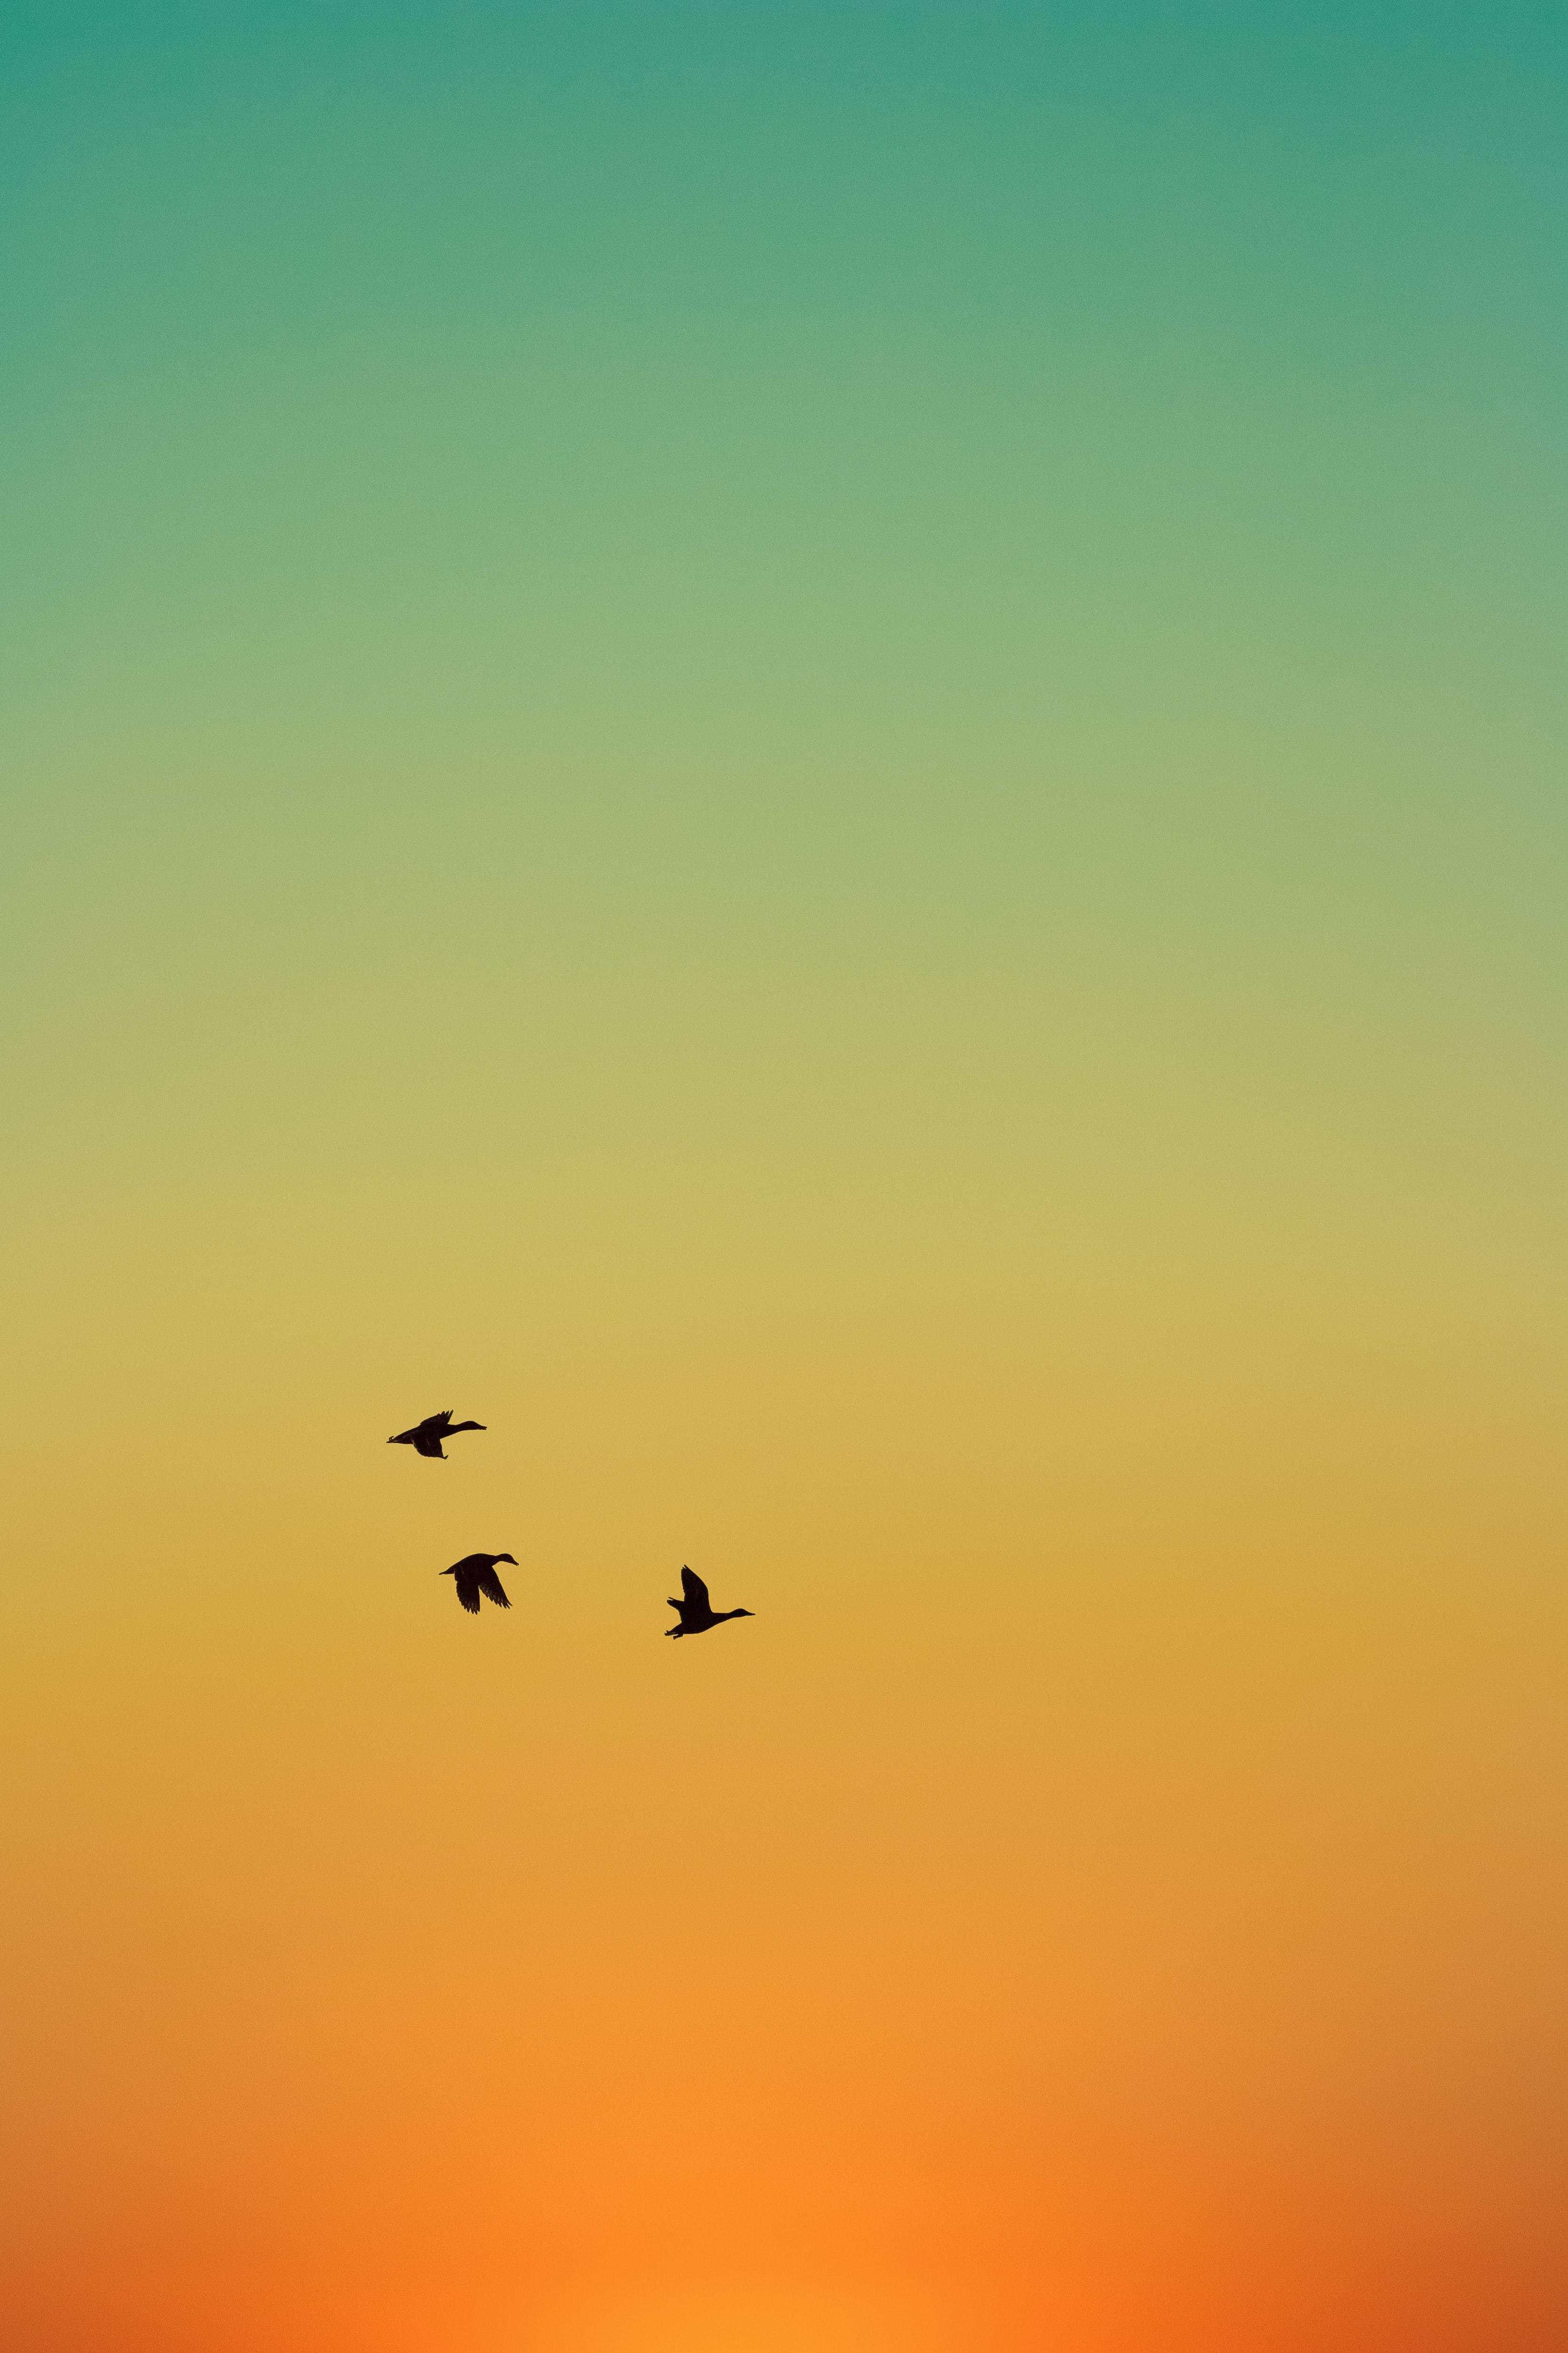 100557 скачать обои Животные, Птицы, Закат, Утки, Небо, Полет - заставки и картинки бесплатно